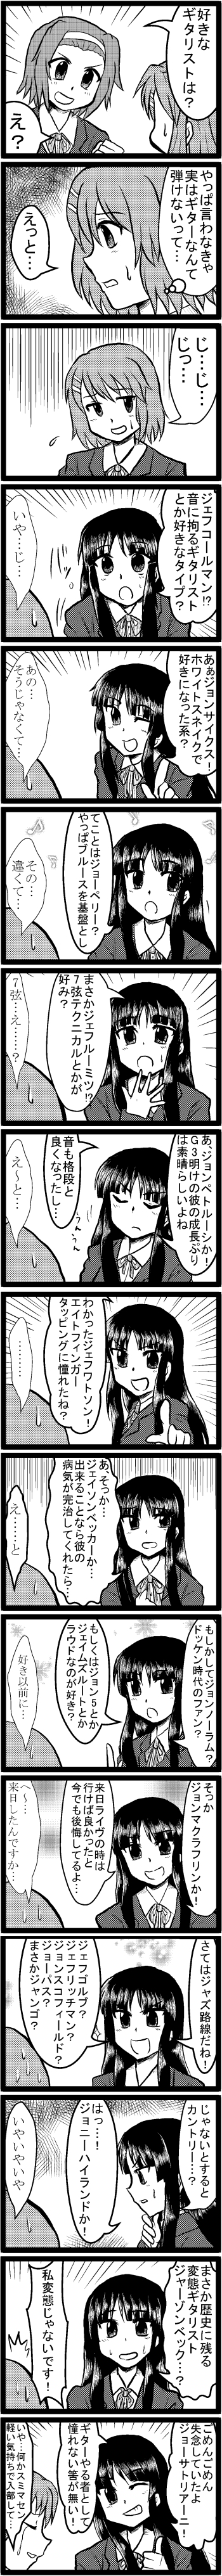 akiyama mio, hirasawa yui, and tainaka ritsu (k-on!) drawn by enokuma uuta